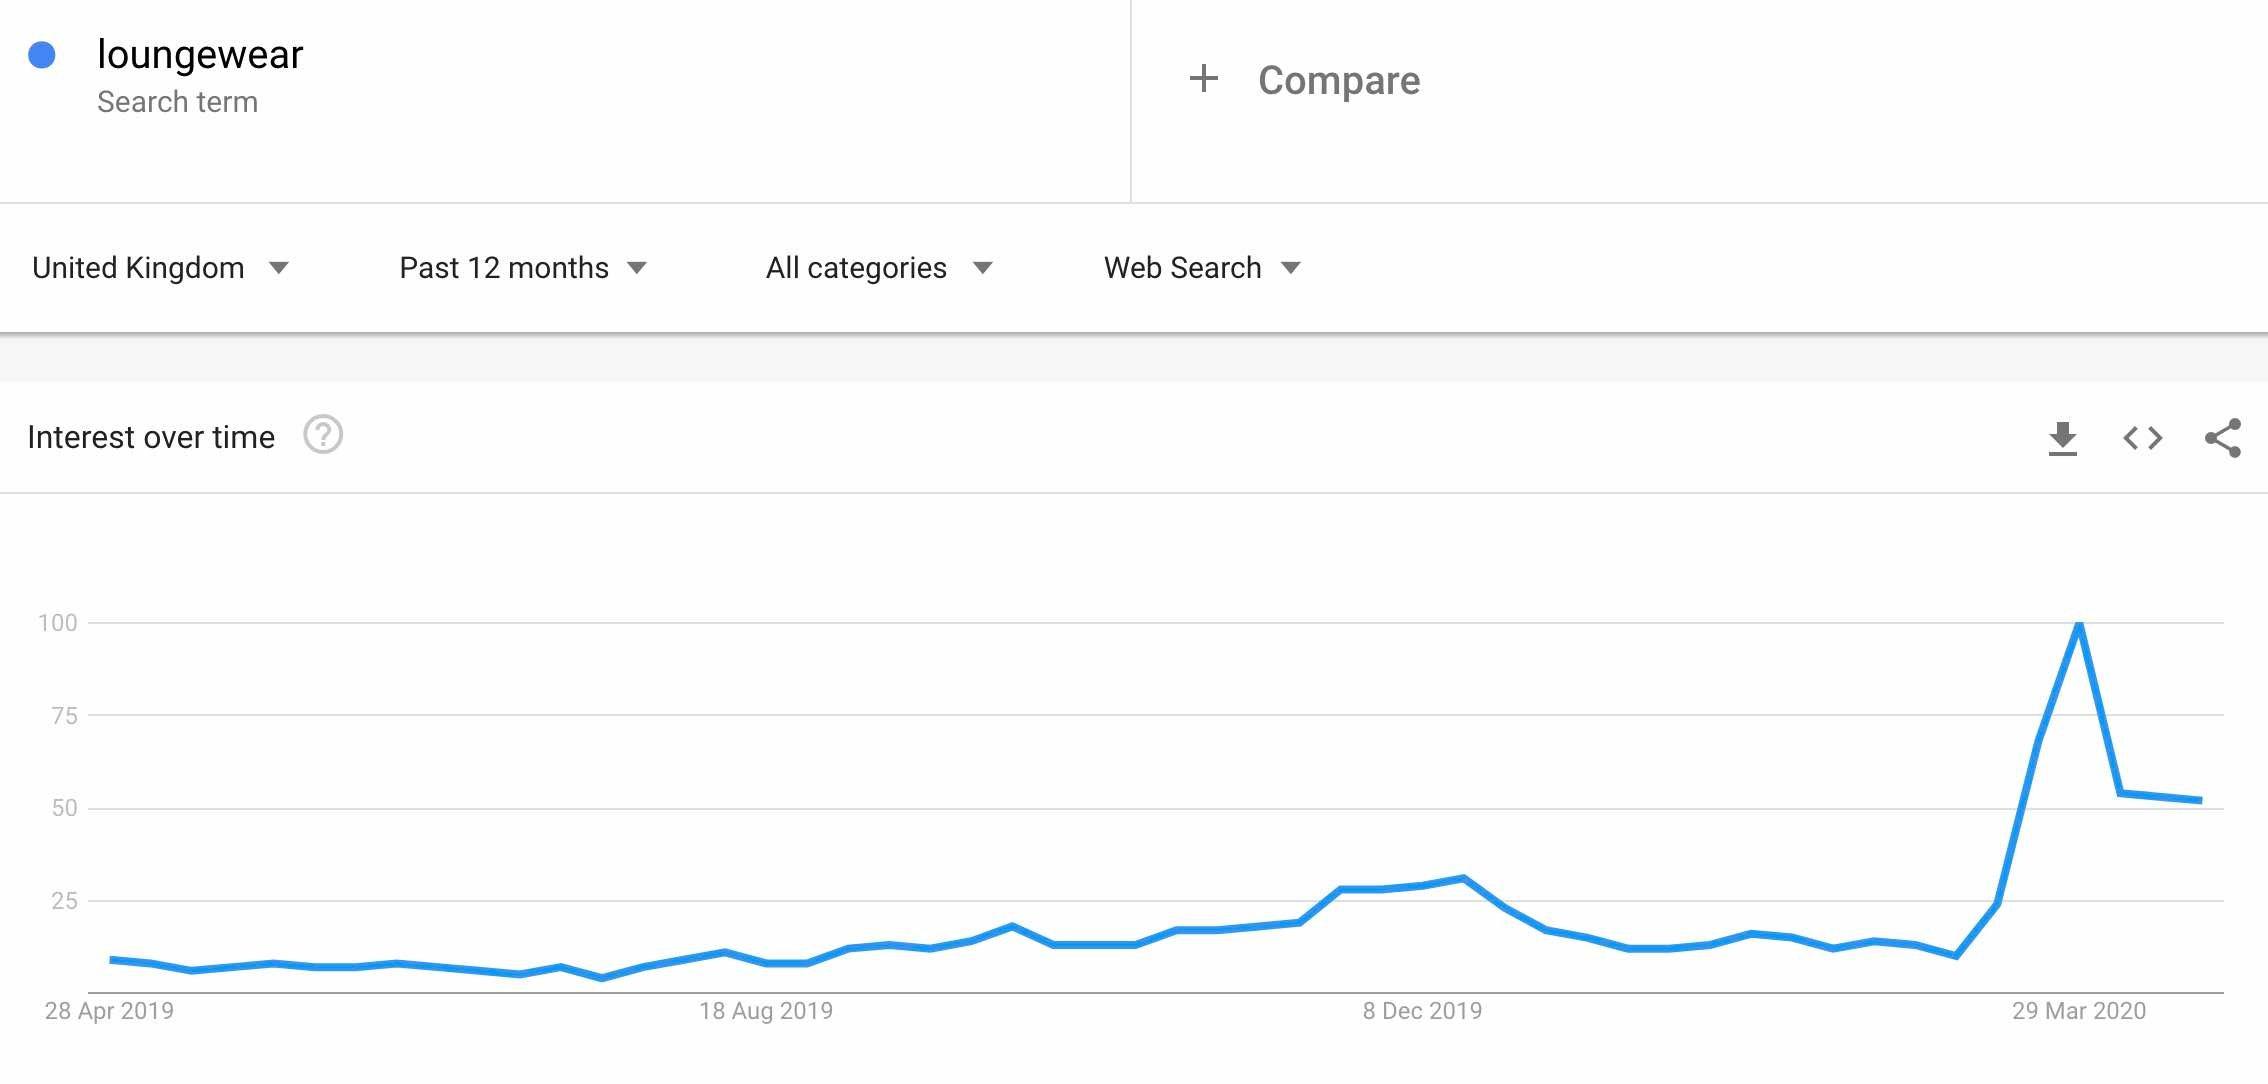 loungewear search trends